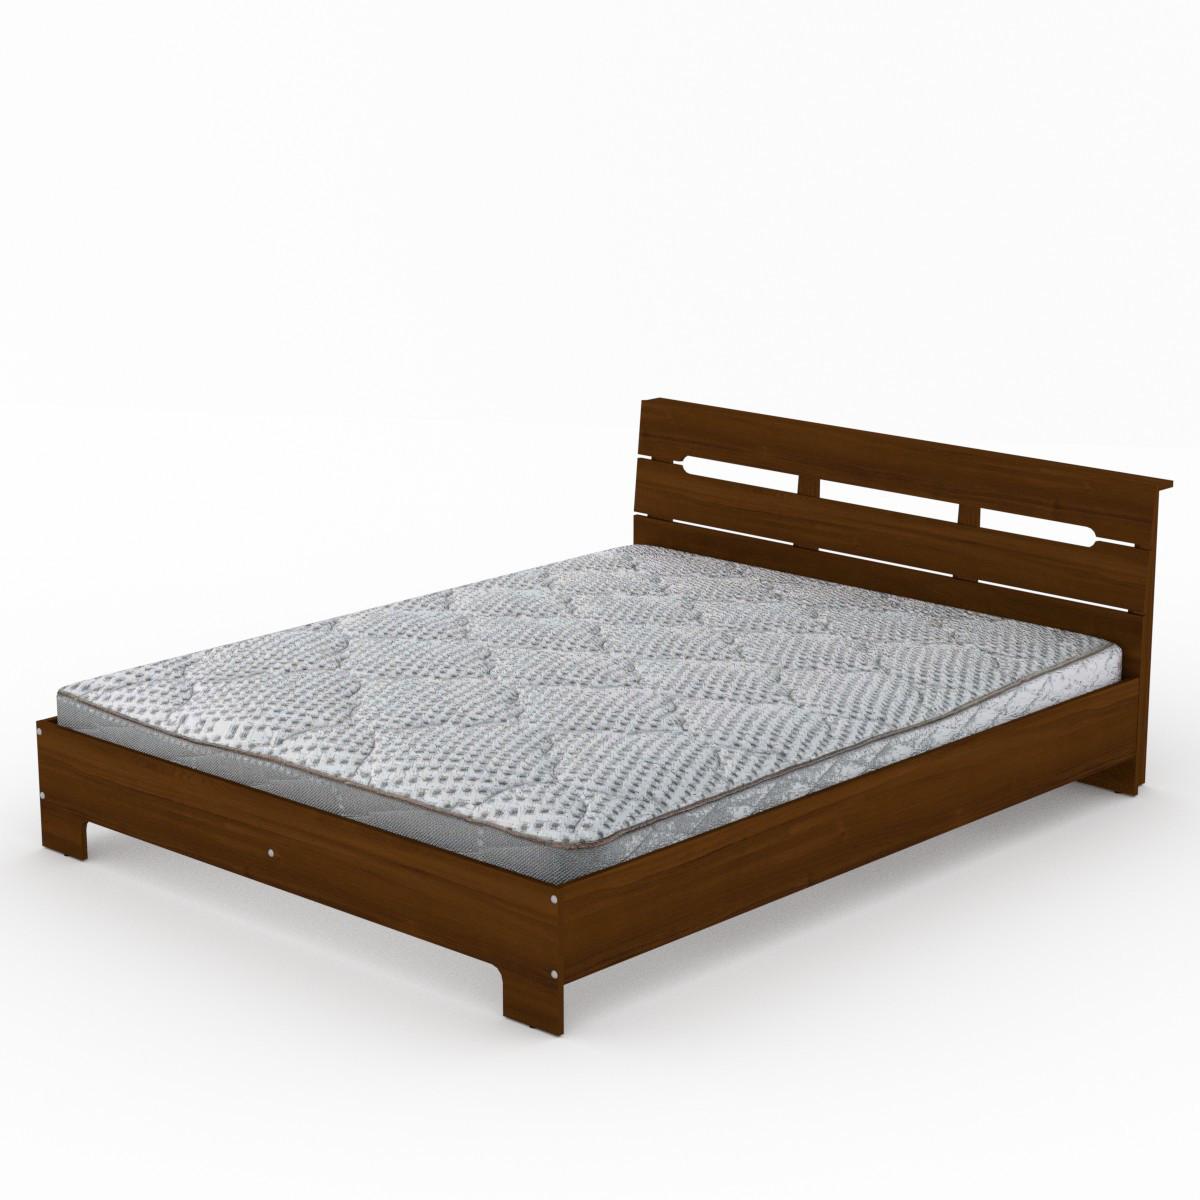 Кровать 160 Стиль орех экко Компанит (164х213х77 см)